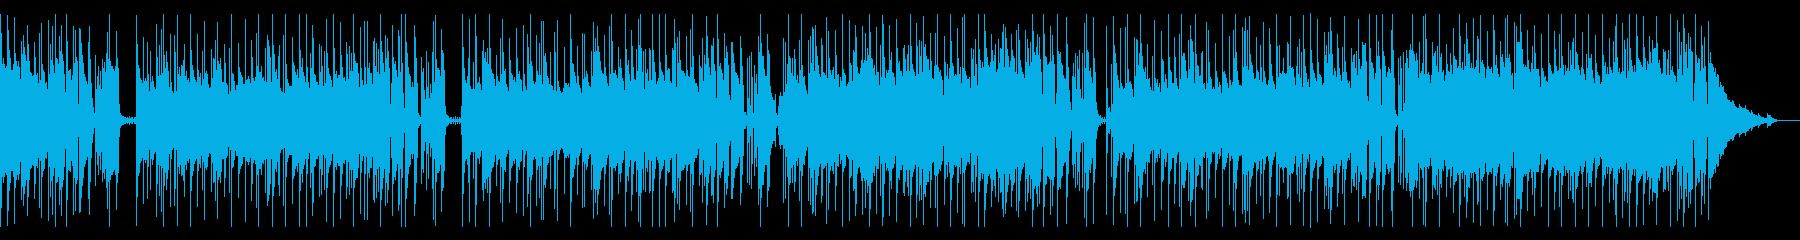 マイナー調のアーバンブルースの再生済みの波形